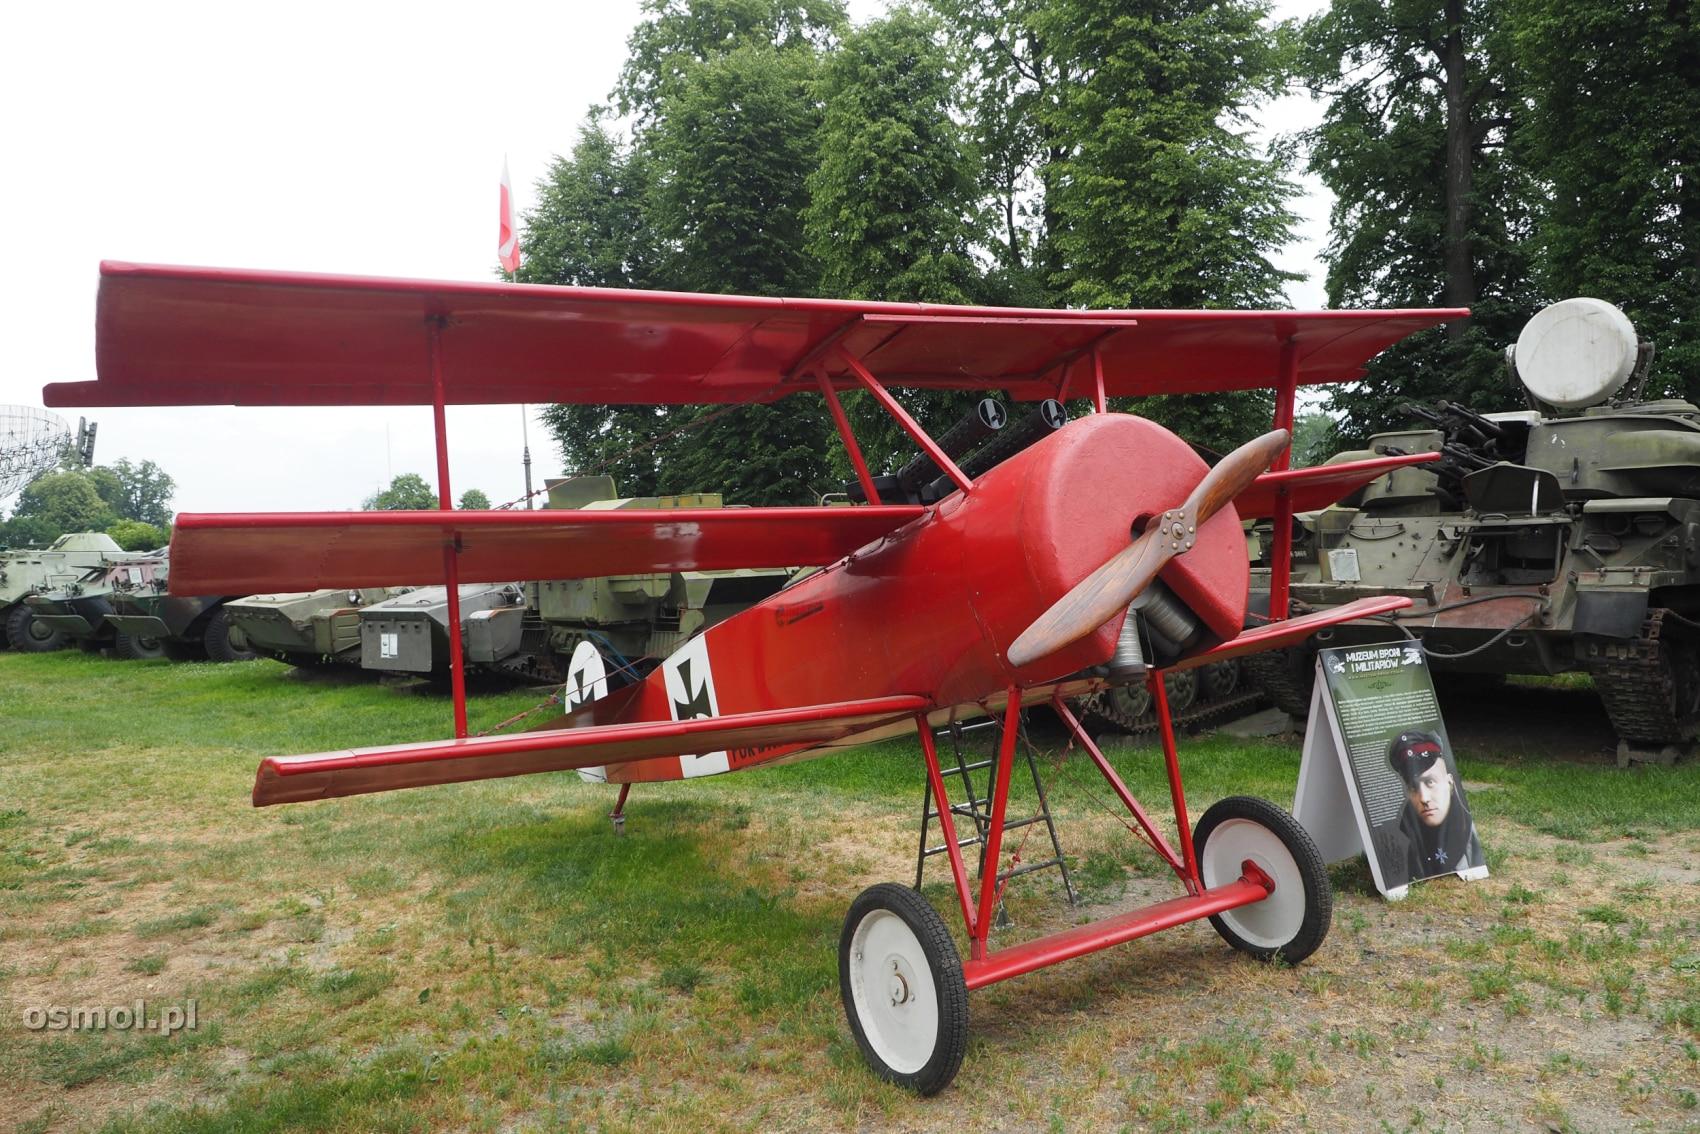 Model fokkera - samolotu z którym najczęściej jest kojarzony Czerwony Baron